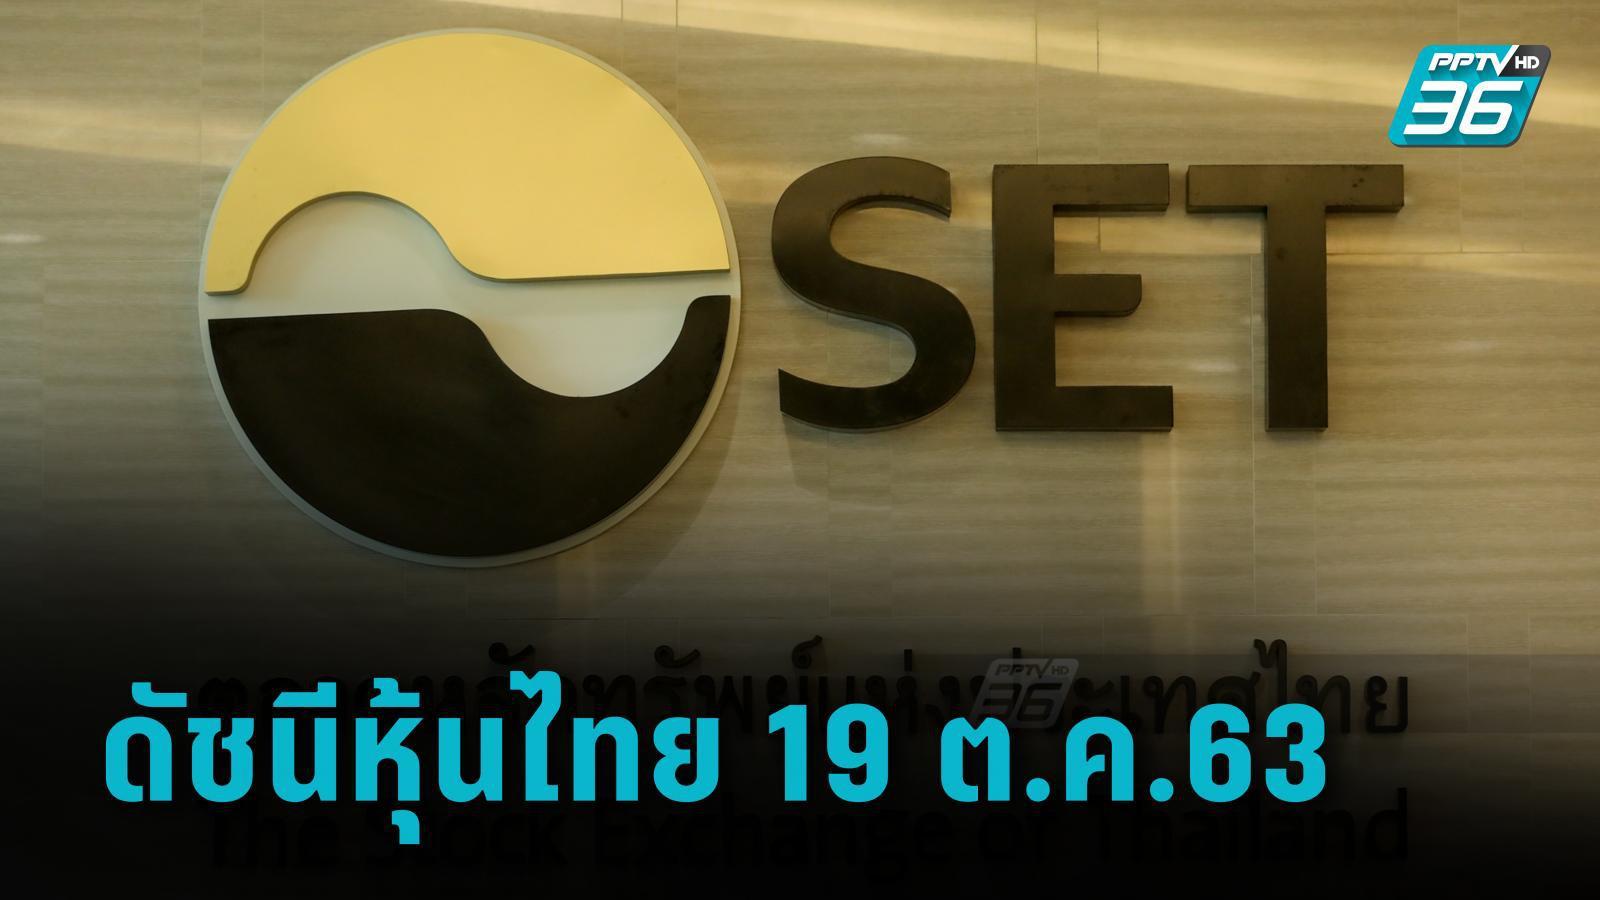 ดัชนีหุ้นไทยวันนี้ (19 ต.ค.63) ปิดการซื้อขายร่วง 24.93 จุด